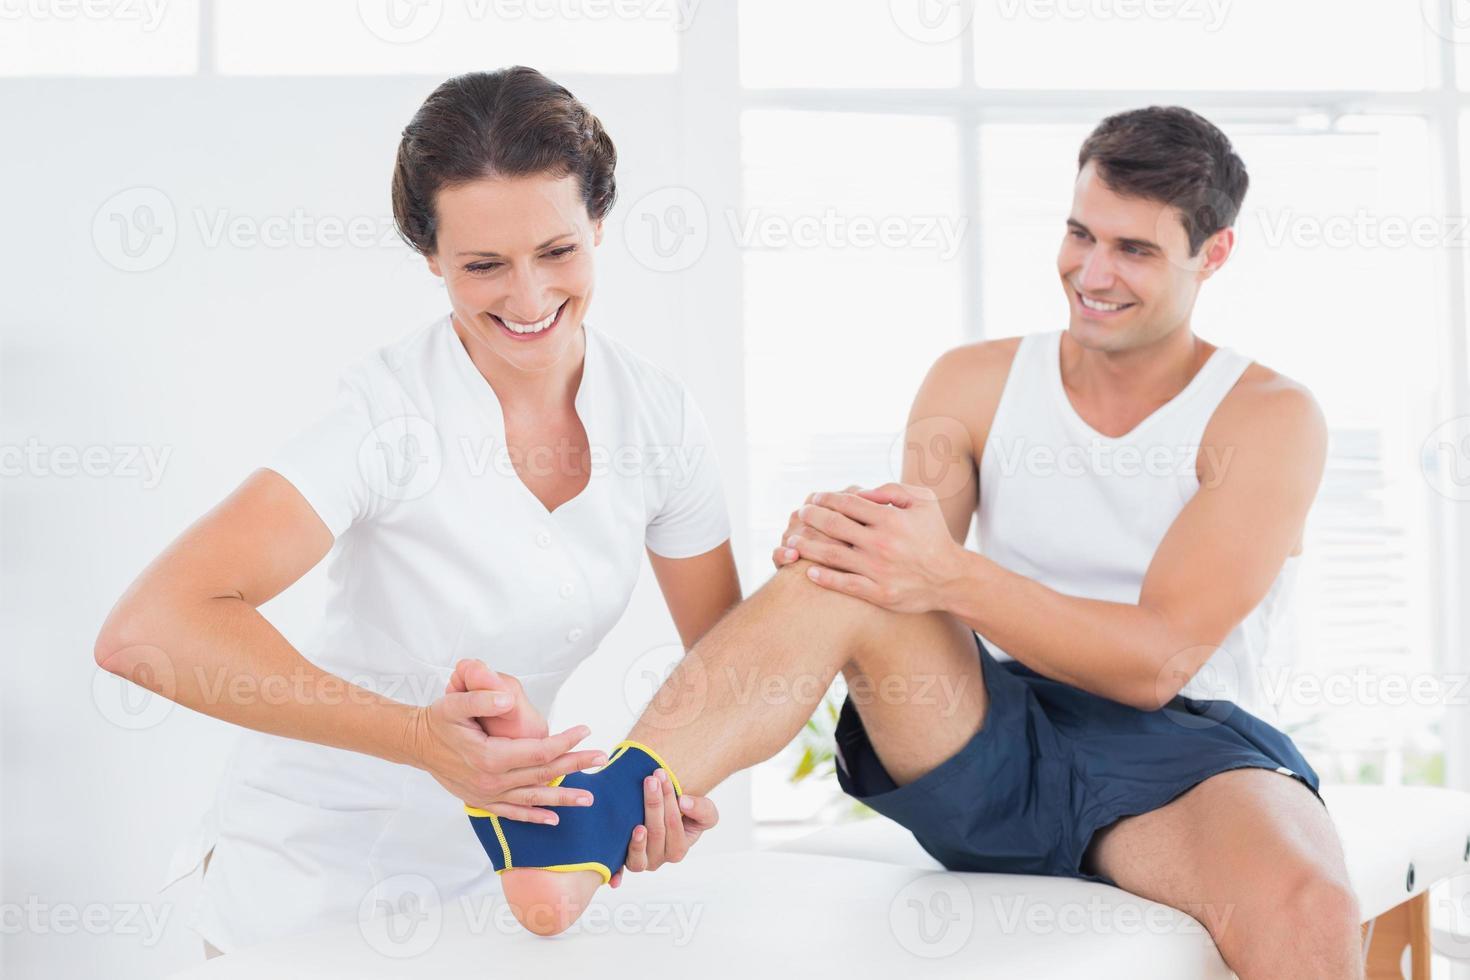 médico examinando su pie paciente foto